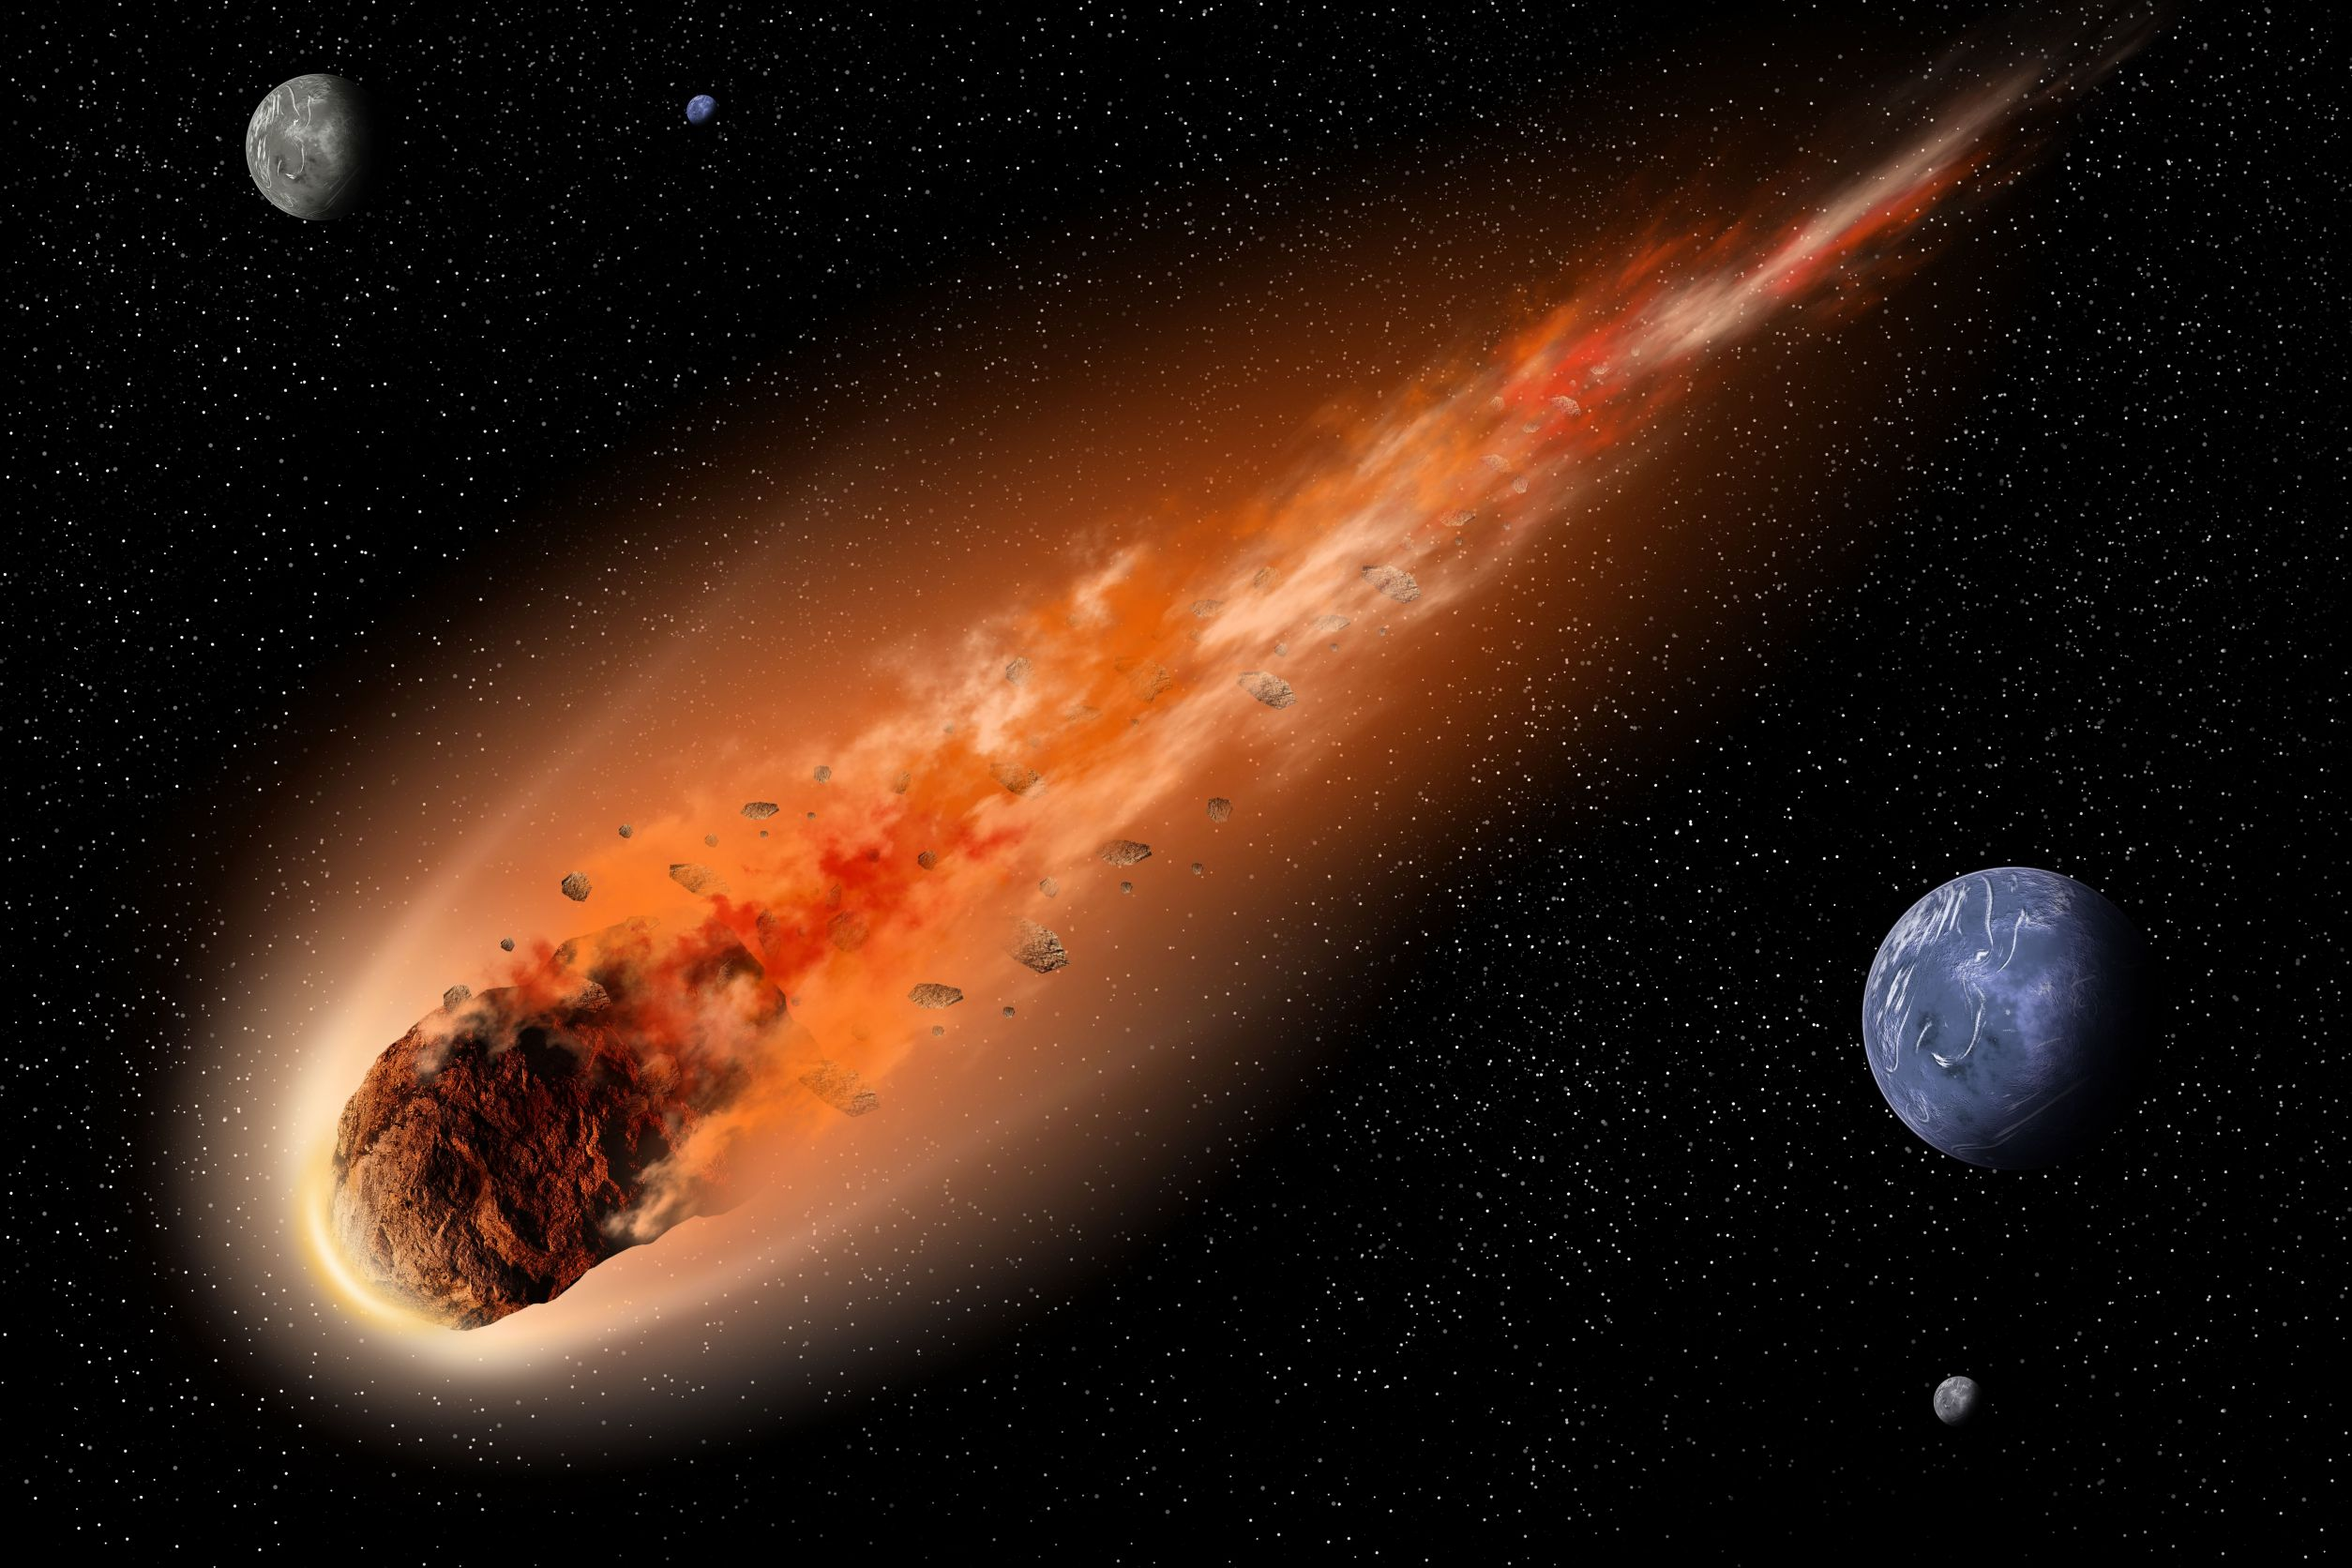 Метеорит Зверь пролетит мимо Земли